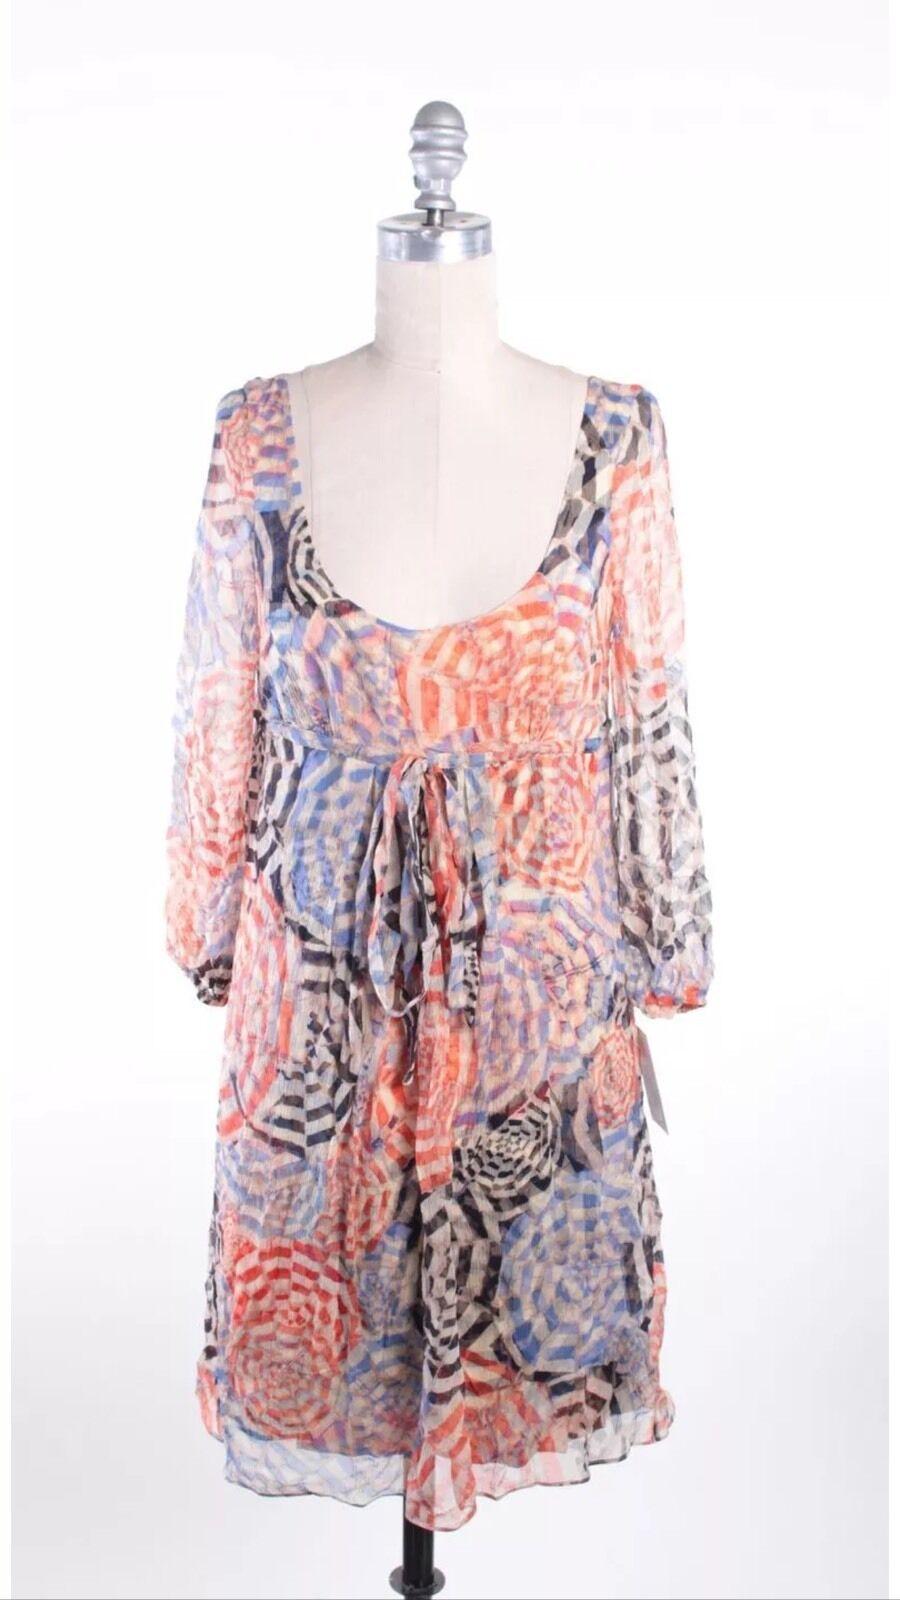 NWT DIANE VON FURSTENBERG bluee orange Silk Dorma Shift Dress Size 4